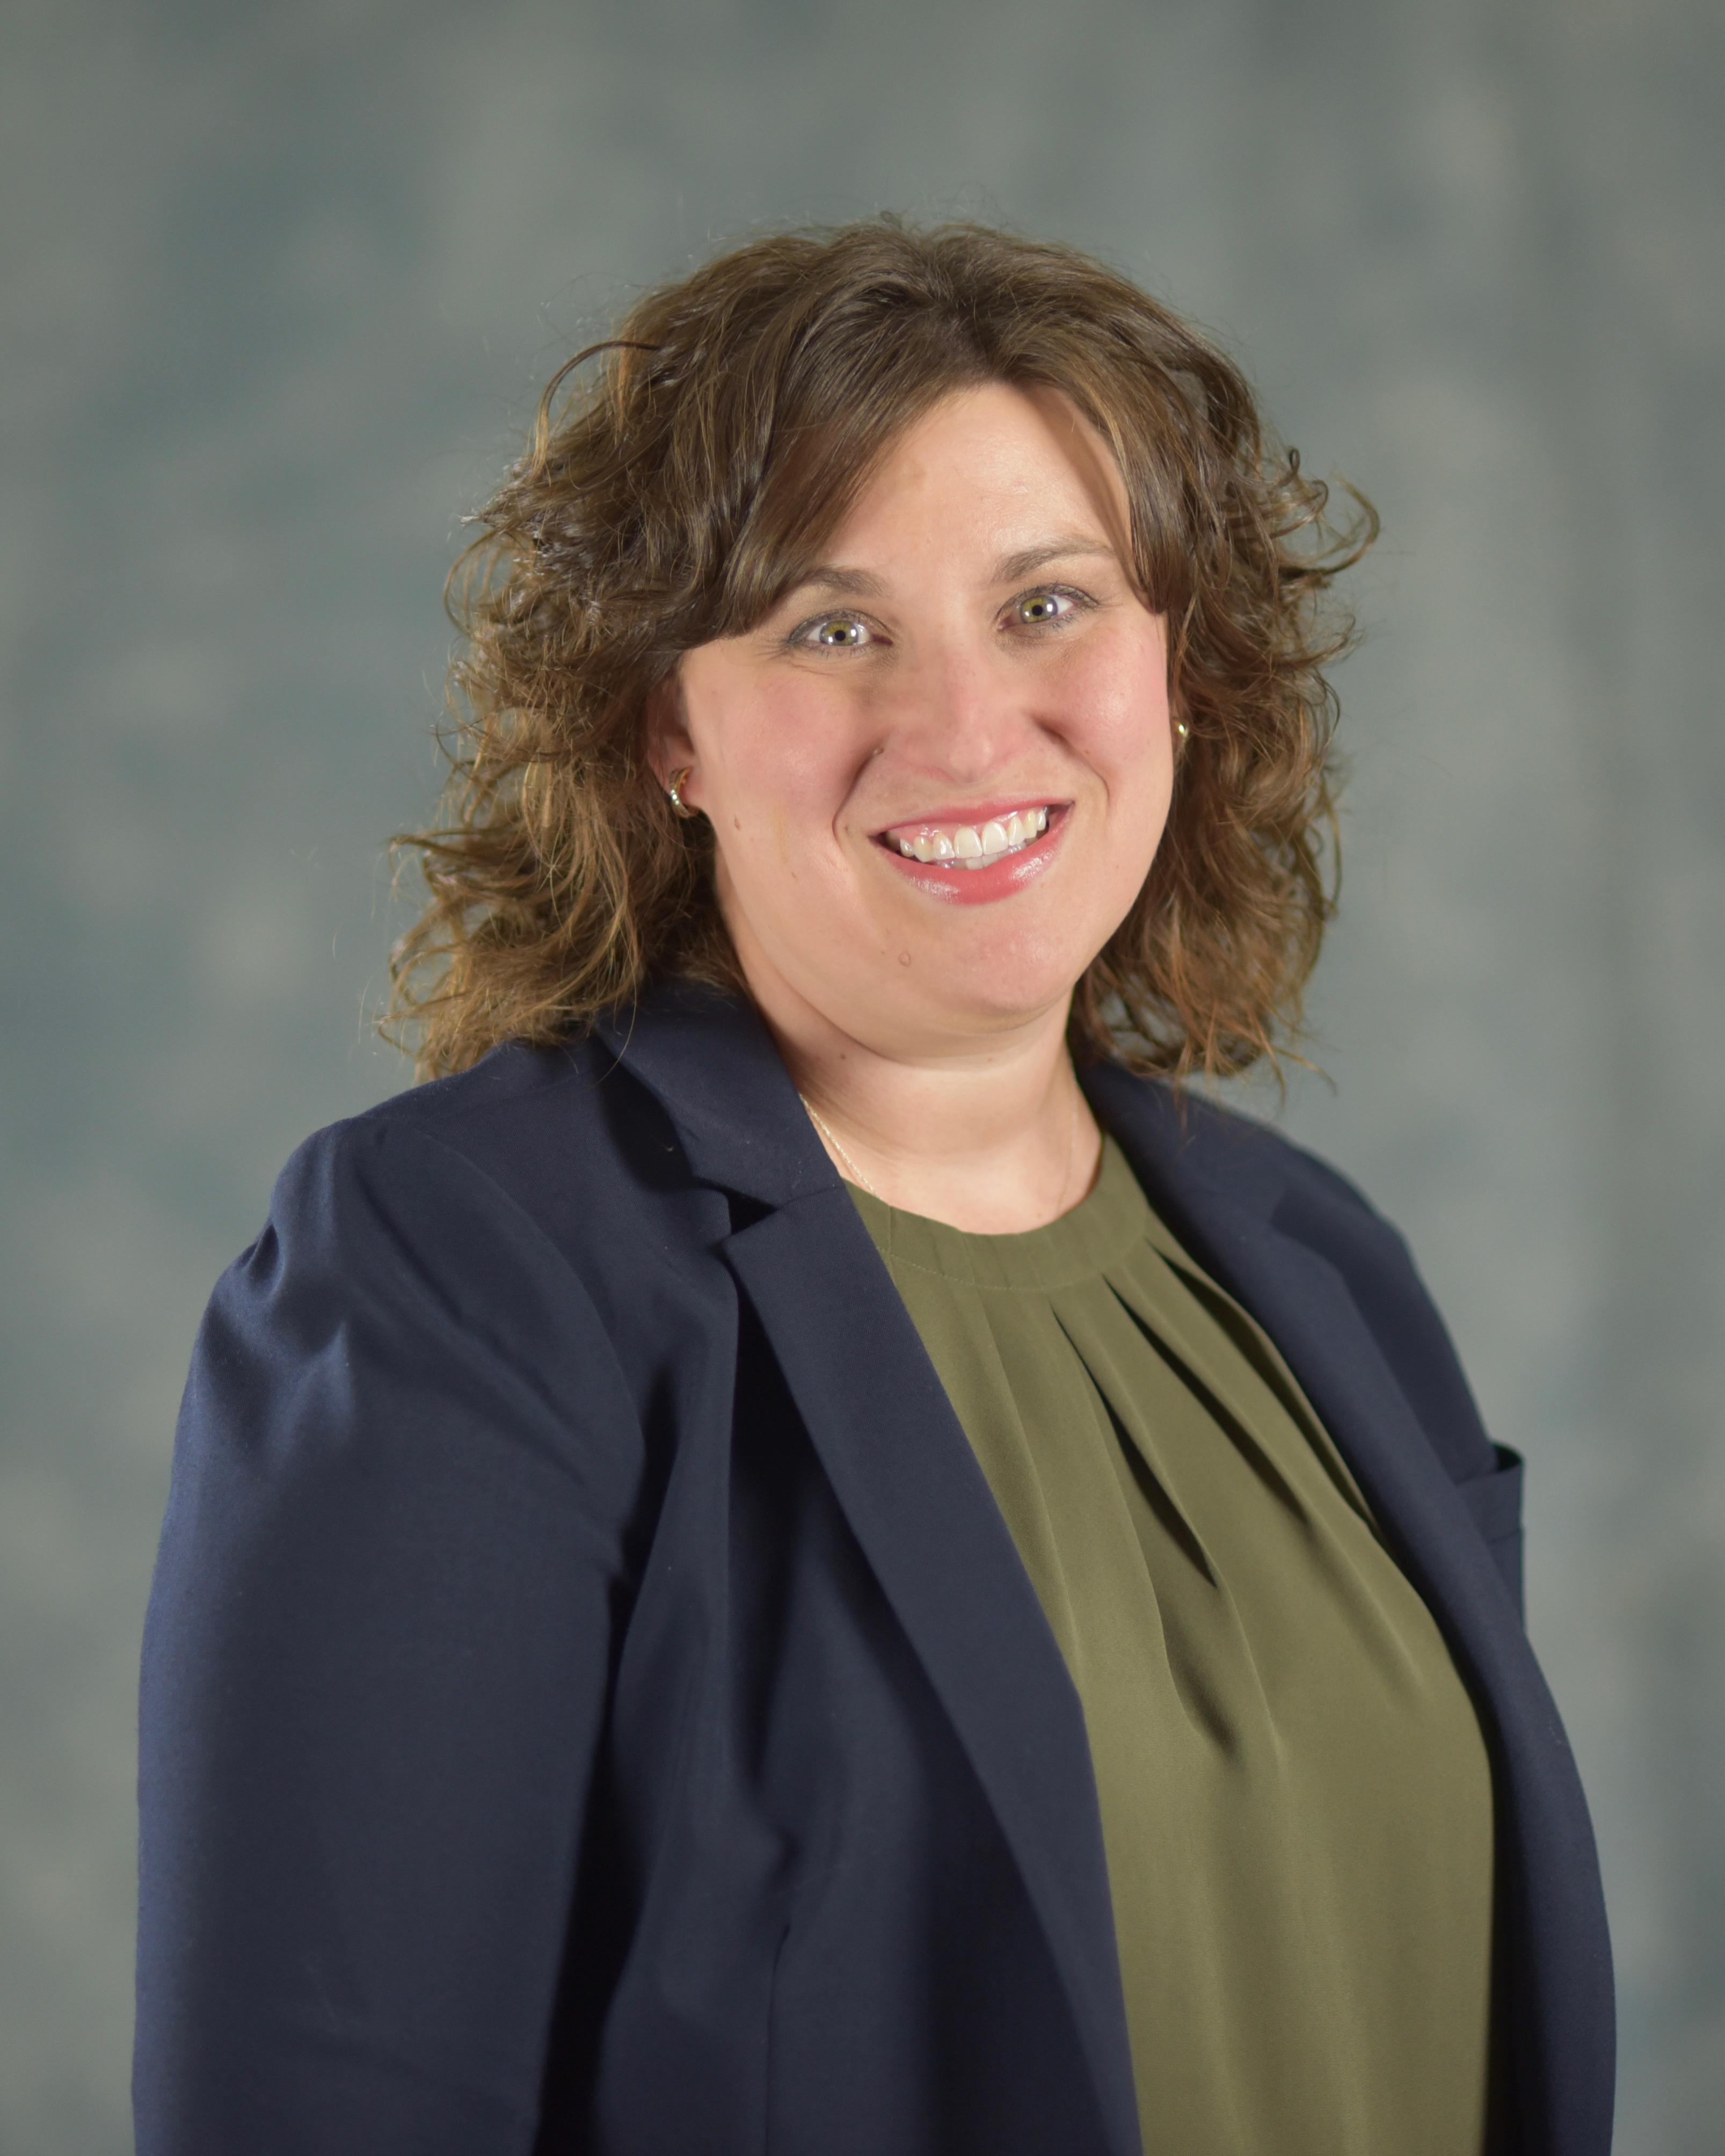 Angela Zimmer